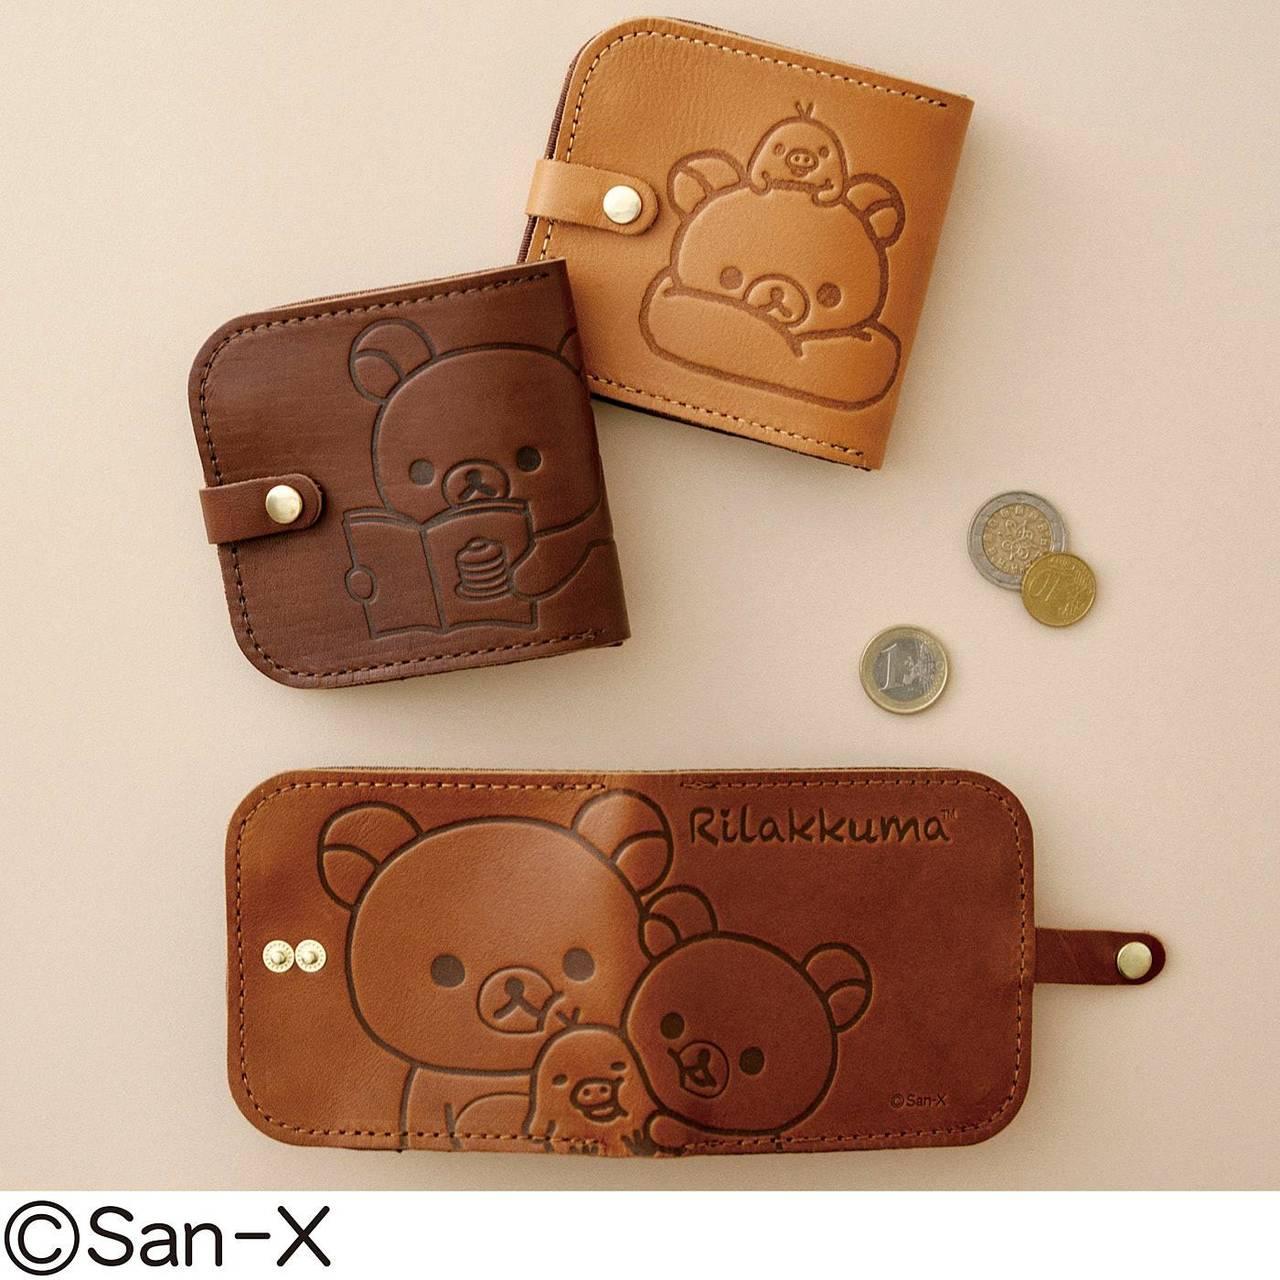 『リラックマ』本革の財布やルーペウォッチが発売決定♪ 可愛くて使いやすい本格グッズ!